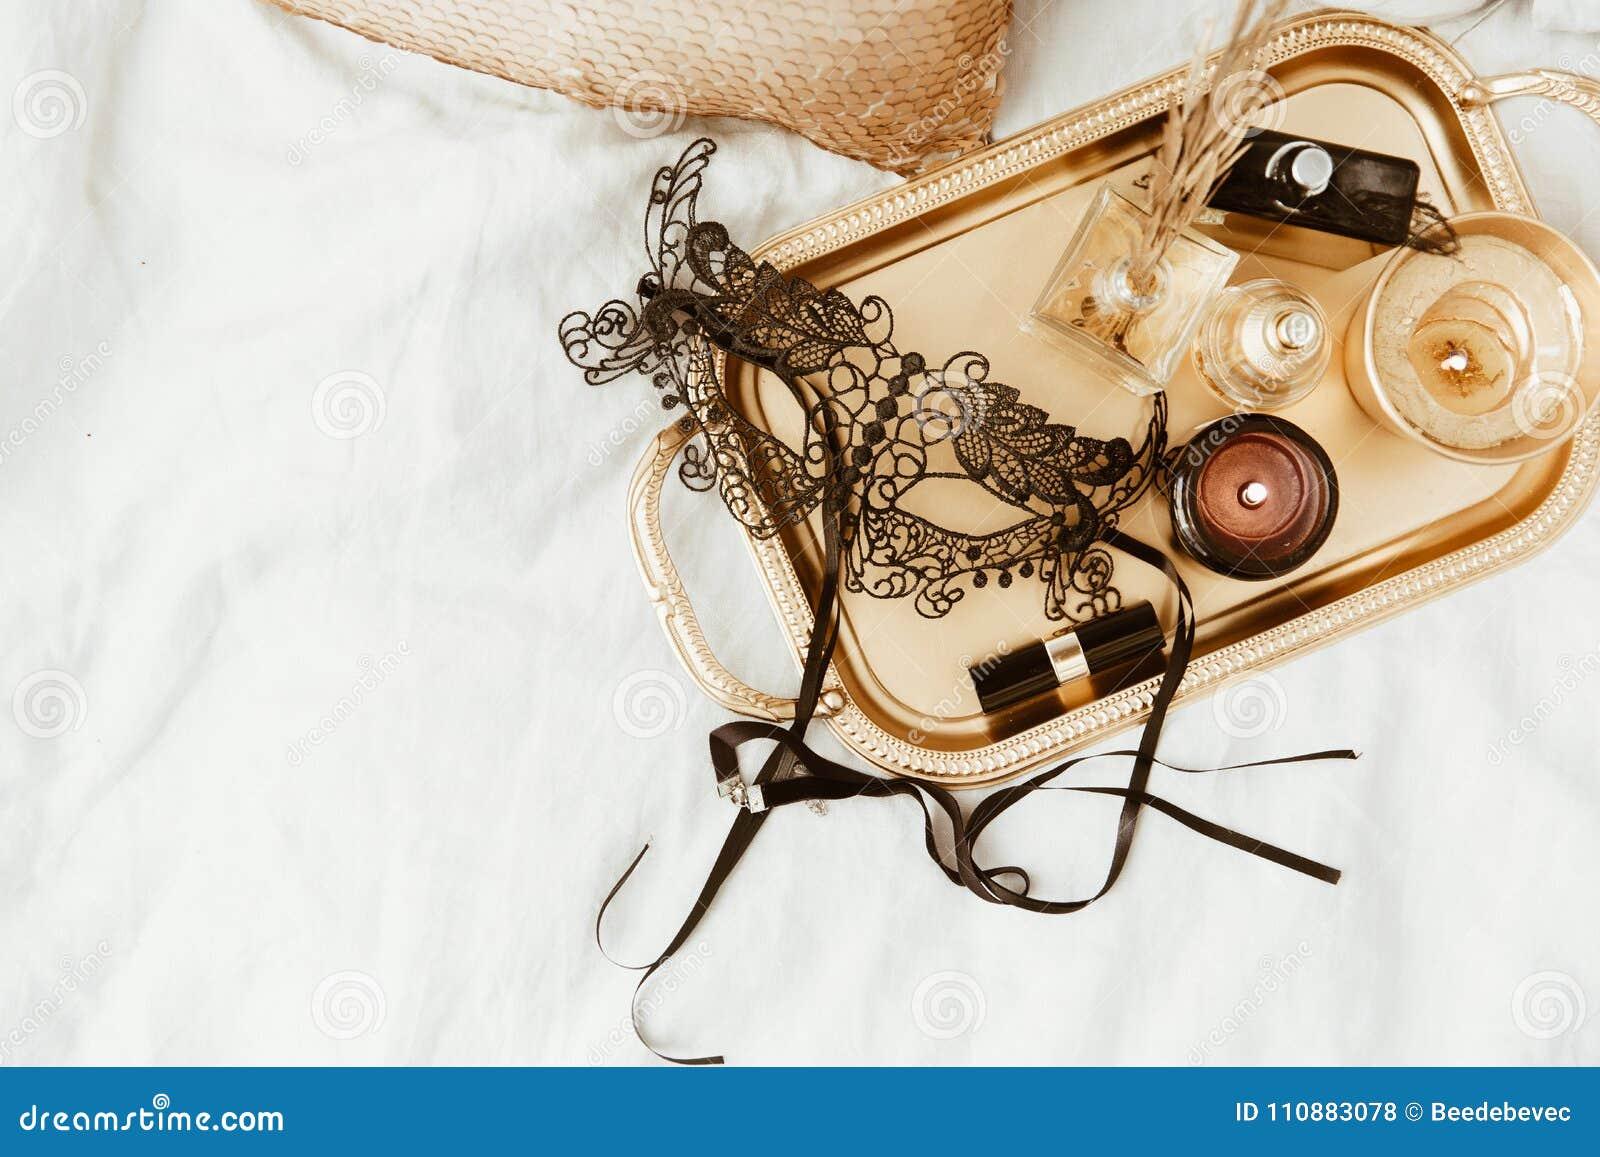 Μοντέρνος χρυσός δίσκος και μαύρη μάσκα στο μαλακό κρεβάτι επίπεδος βάλτε τα προϊόντα πρώτης ανάγκης γυναικών για διακοπές